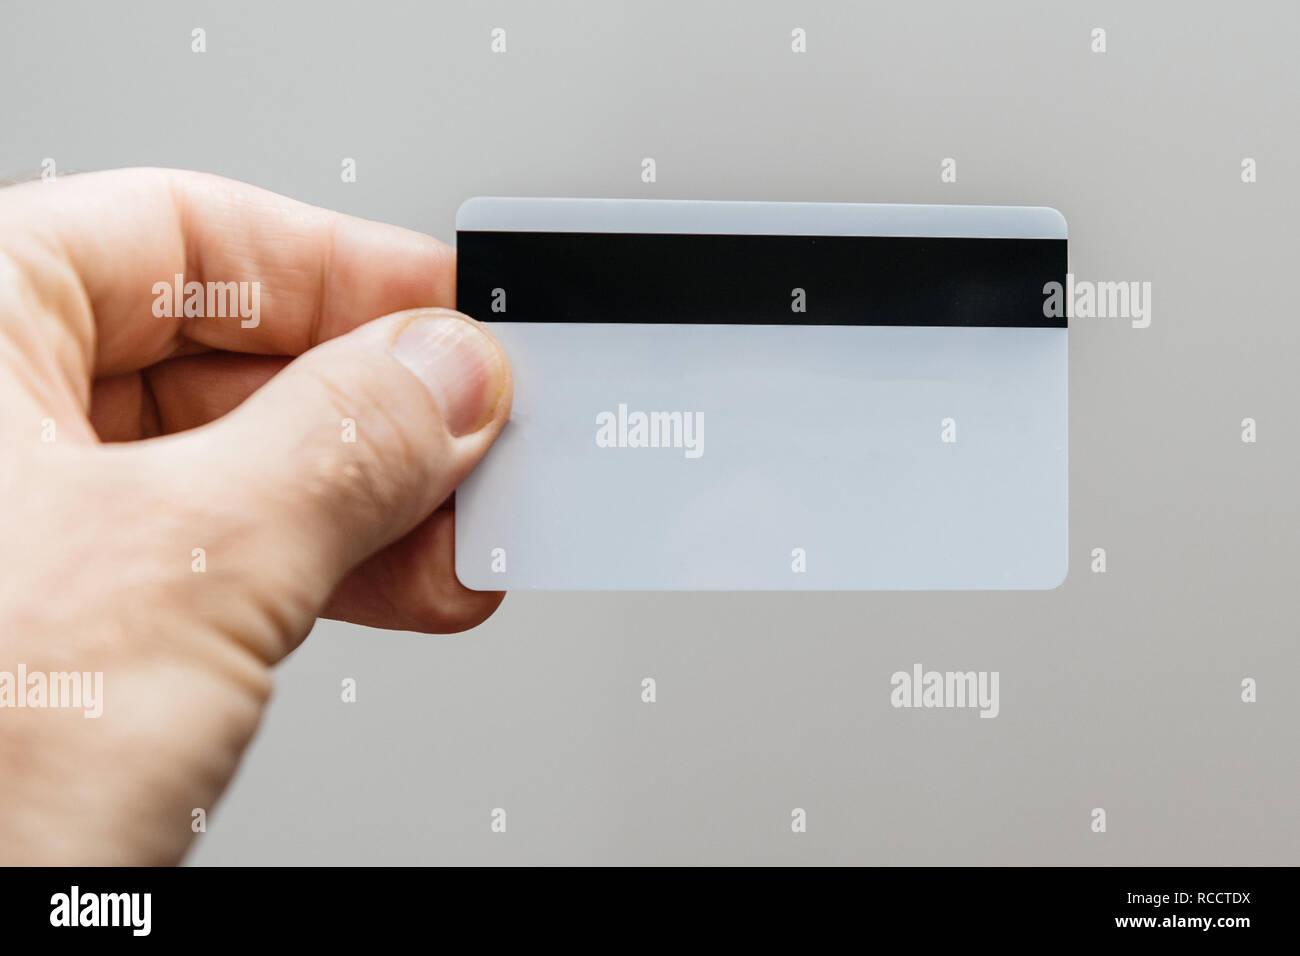 bank advertisement credit card stock photos amp bank